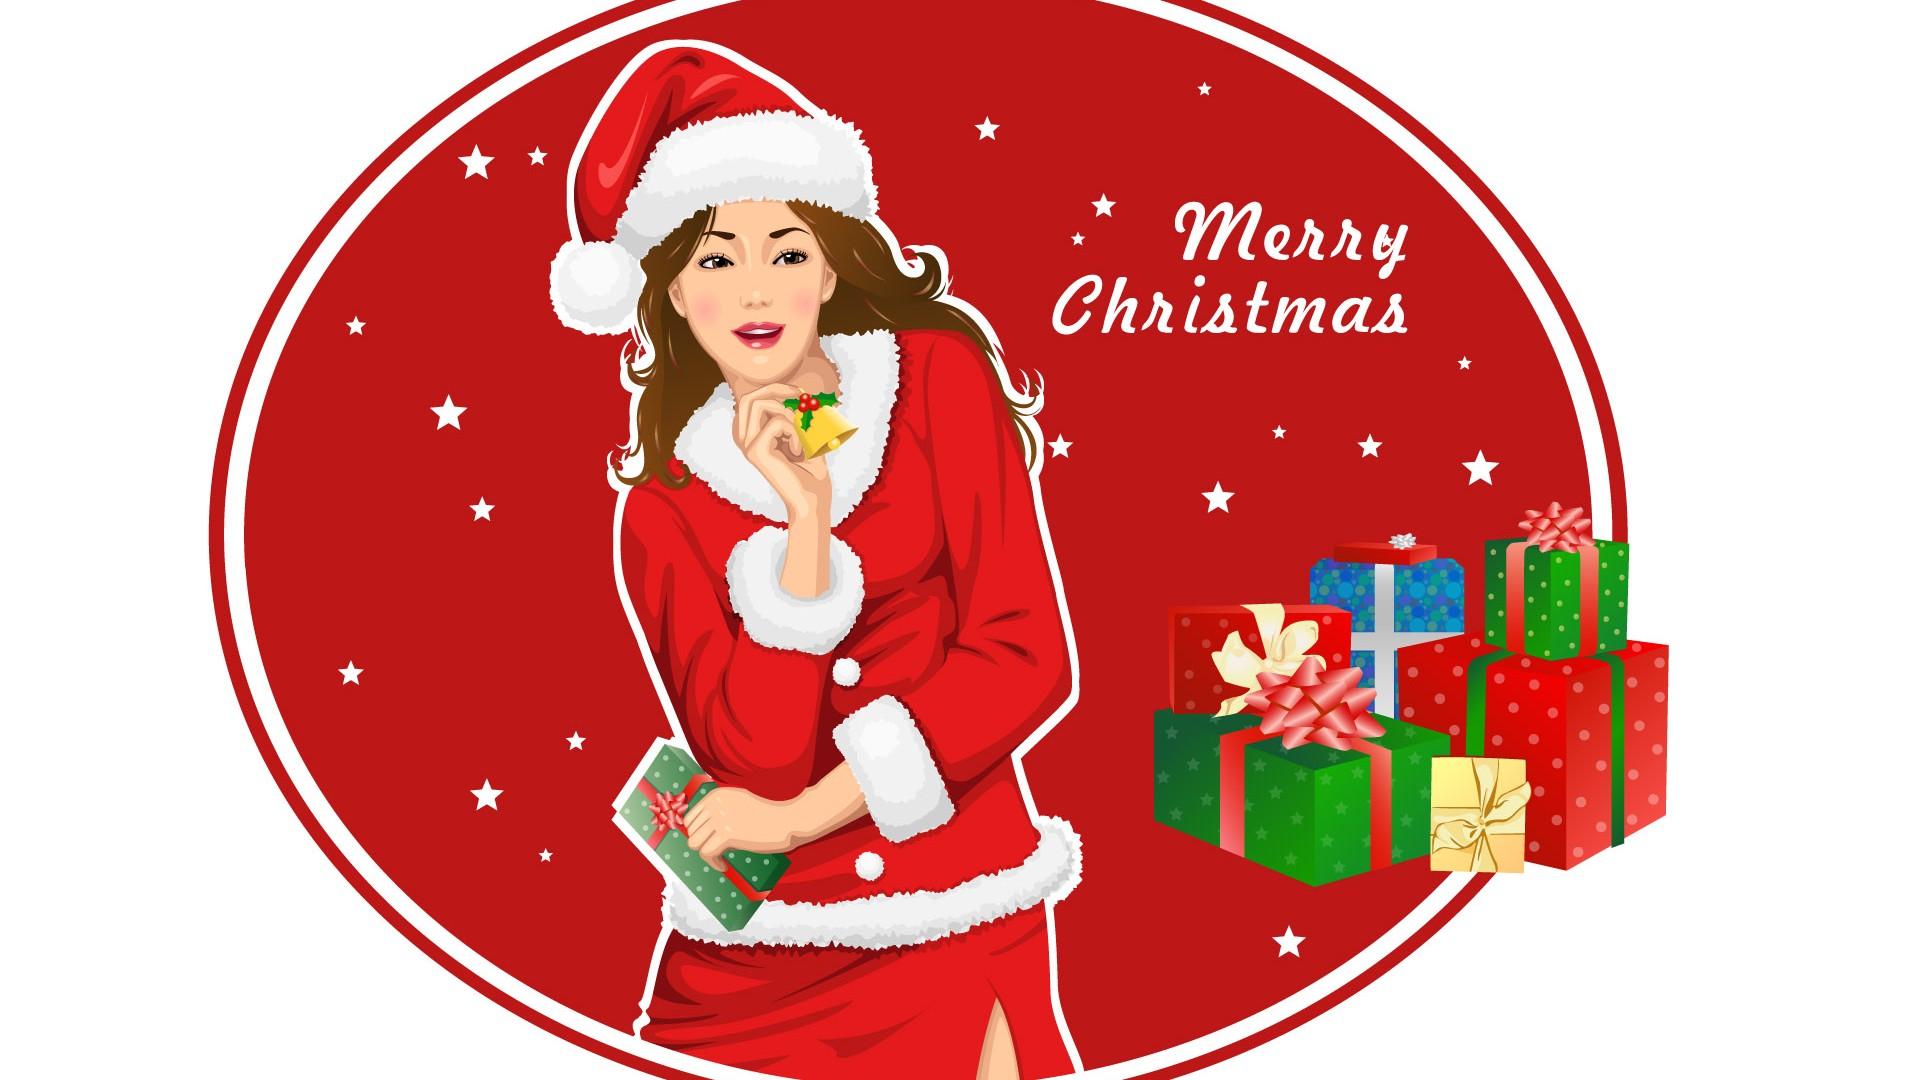 圣诞节女孩PPT背景图片免费下载是由PPT宝藏(www.pptbz.com)会员zengmin上传推荐的节日PPT背景图片, 更新时间为2016-10-25,素材编号108951。 圣诞节(Christmas)又称圣诞节,译名为基督弥撒,西方传统节日,在每年12月25日。弥撒是教会的一种礼拜仪式。圣诞节是一个宗教节,因为把它当作耶稣的诞辰来庆祝,故名耶诞节。 宗教全球性 圣诞节从最初的宗教节日,发展成为一个具有全球性的节日。圣诞节宗教涵义逐渐与世界各地文化传统糅合。有些是在宗教文化基础上演化,成为更